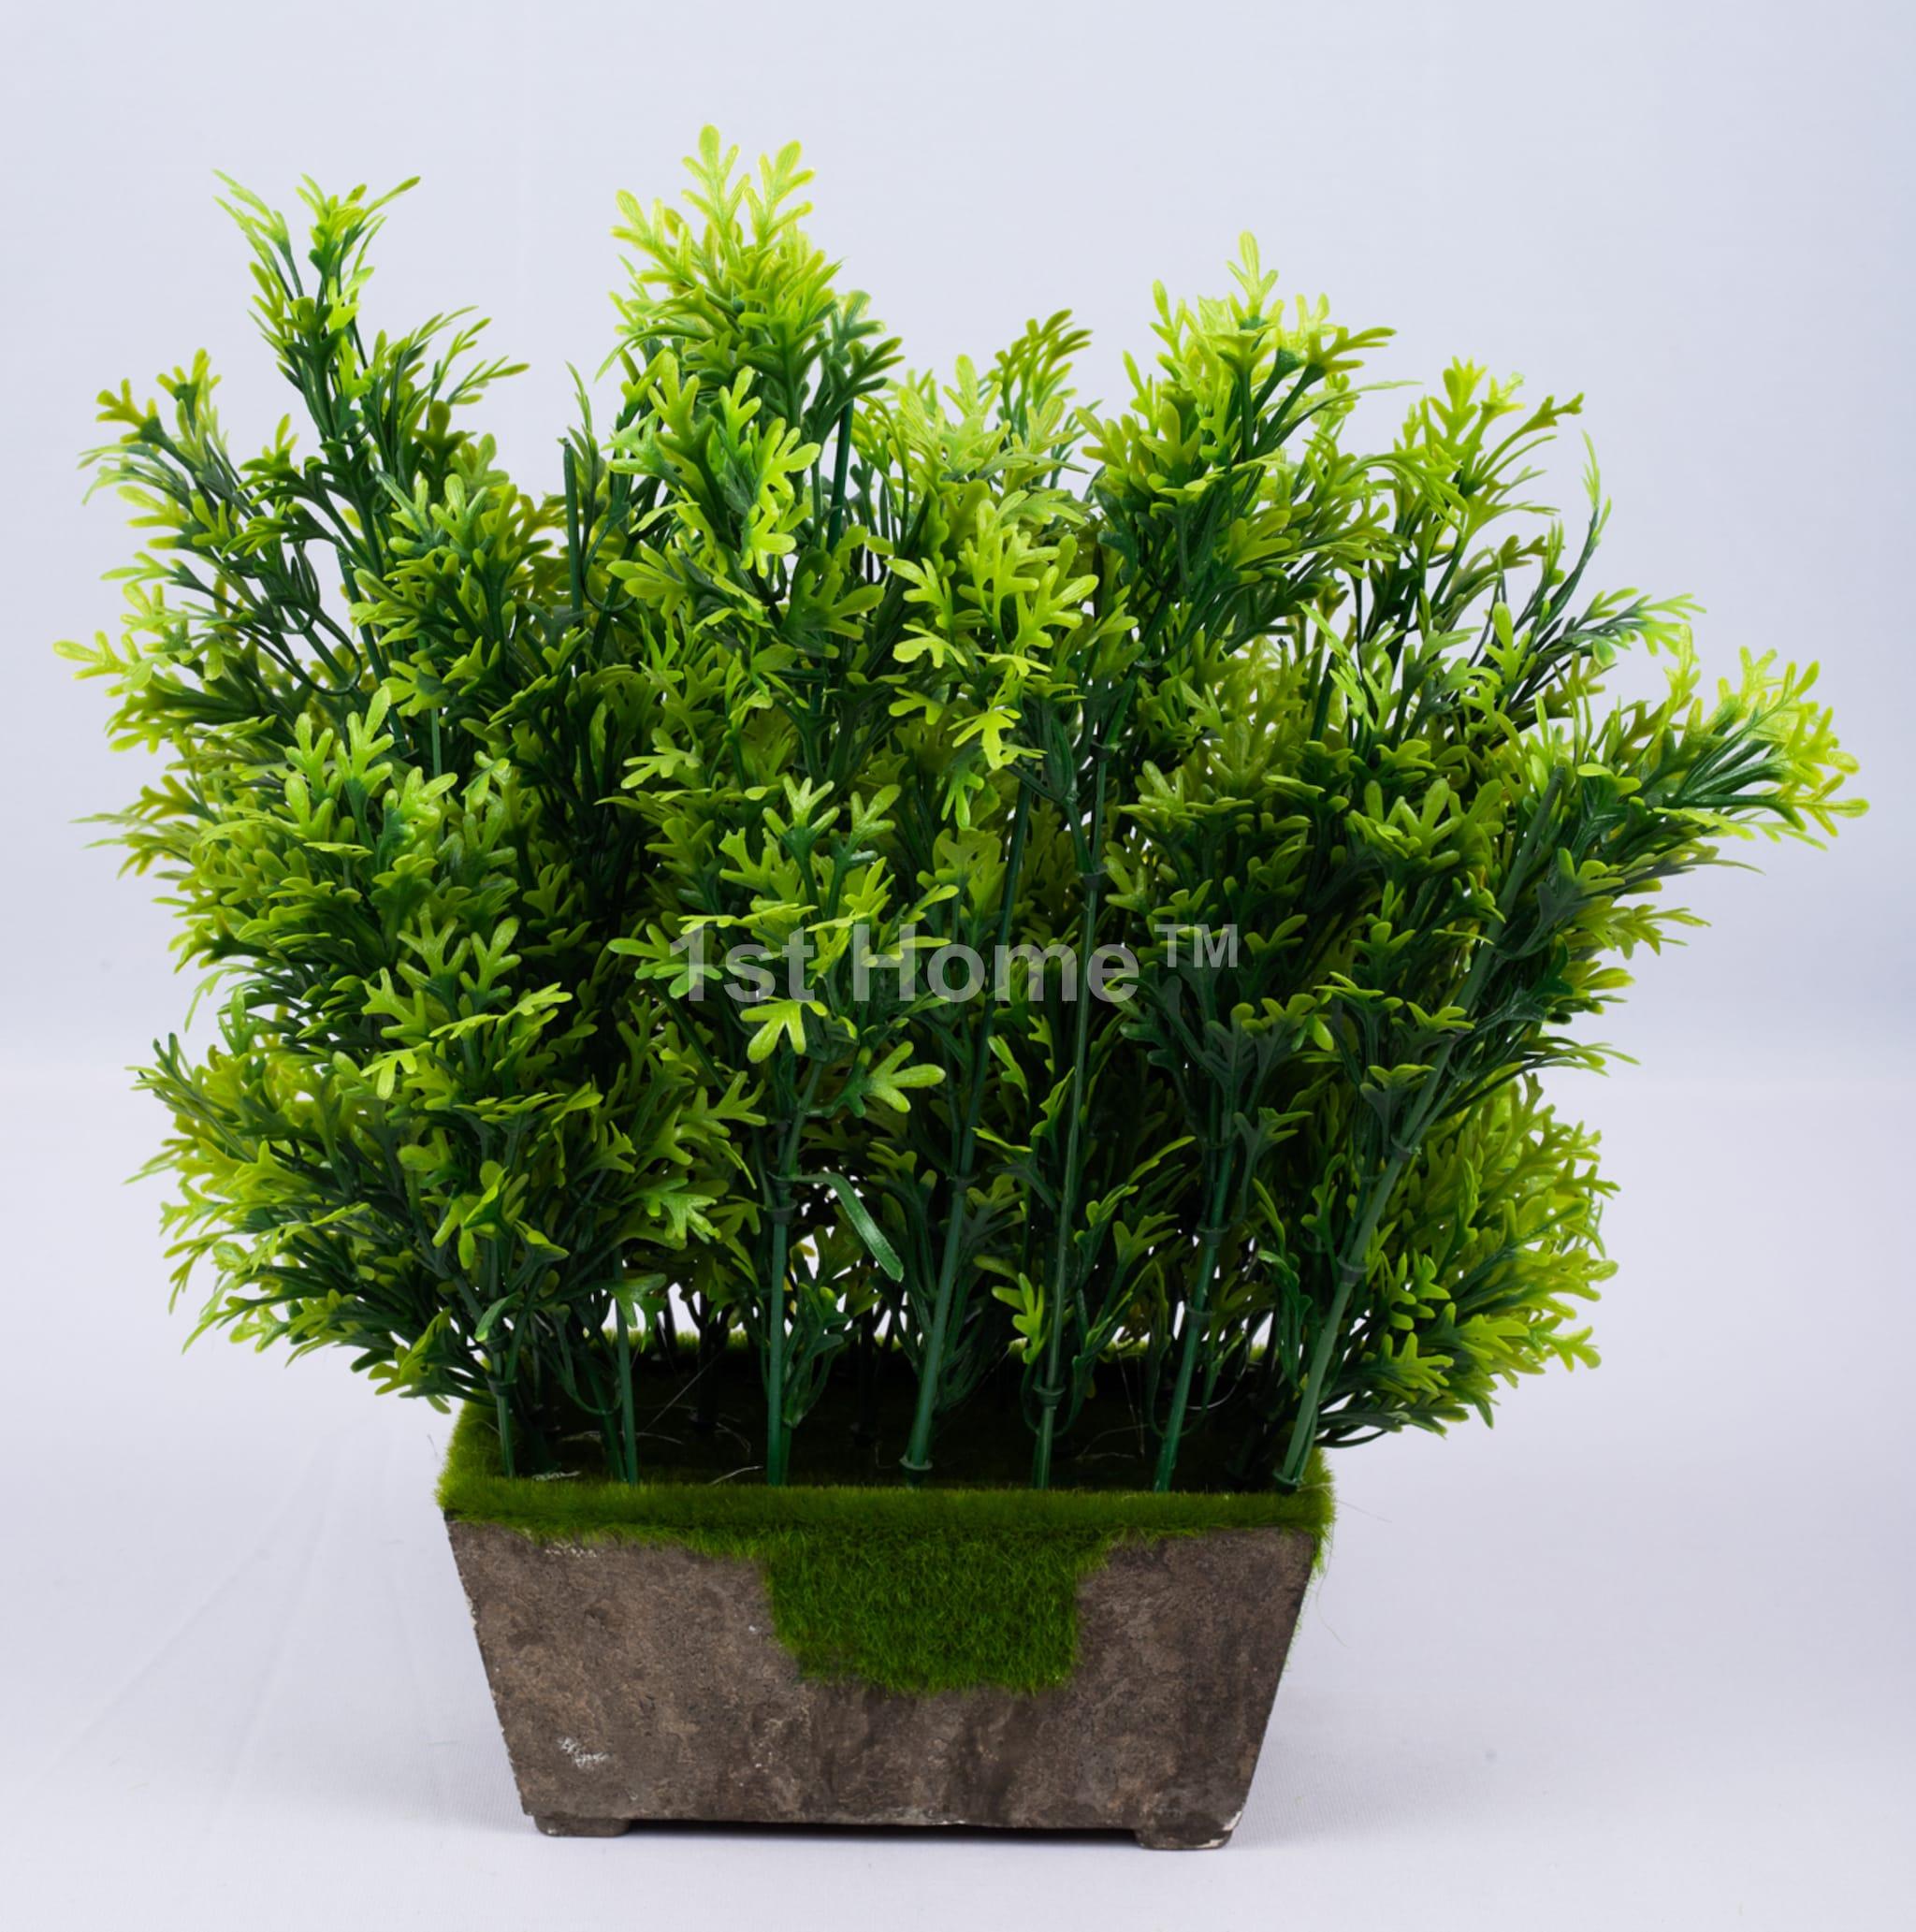 Artificial Green Bush Arrangement K1120